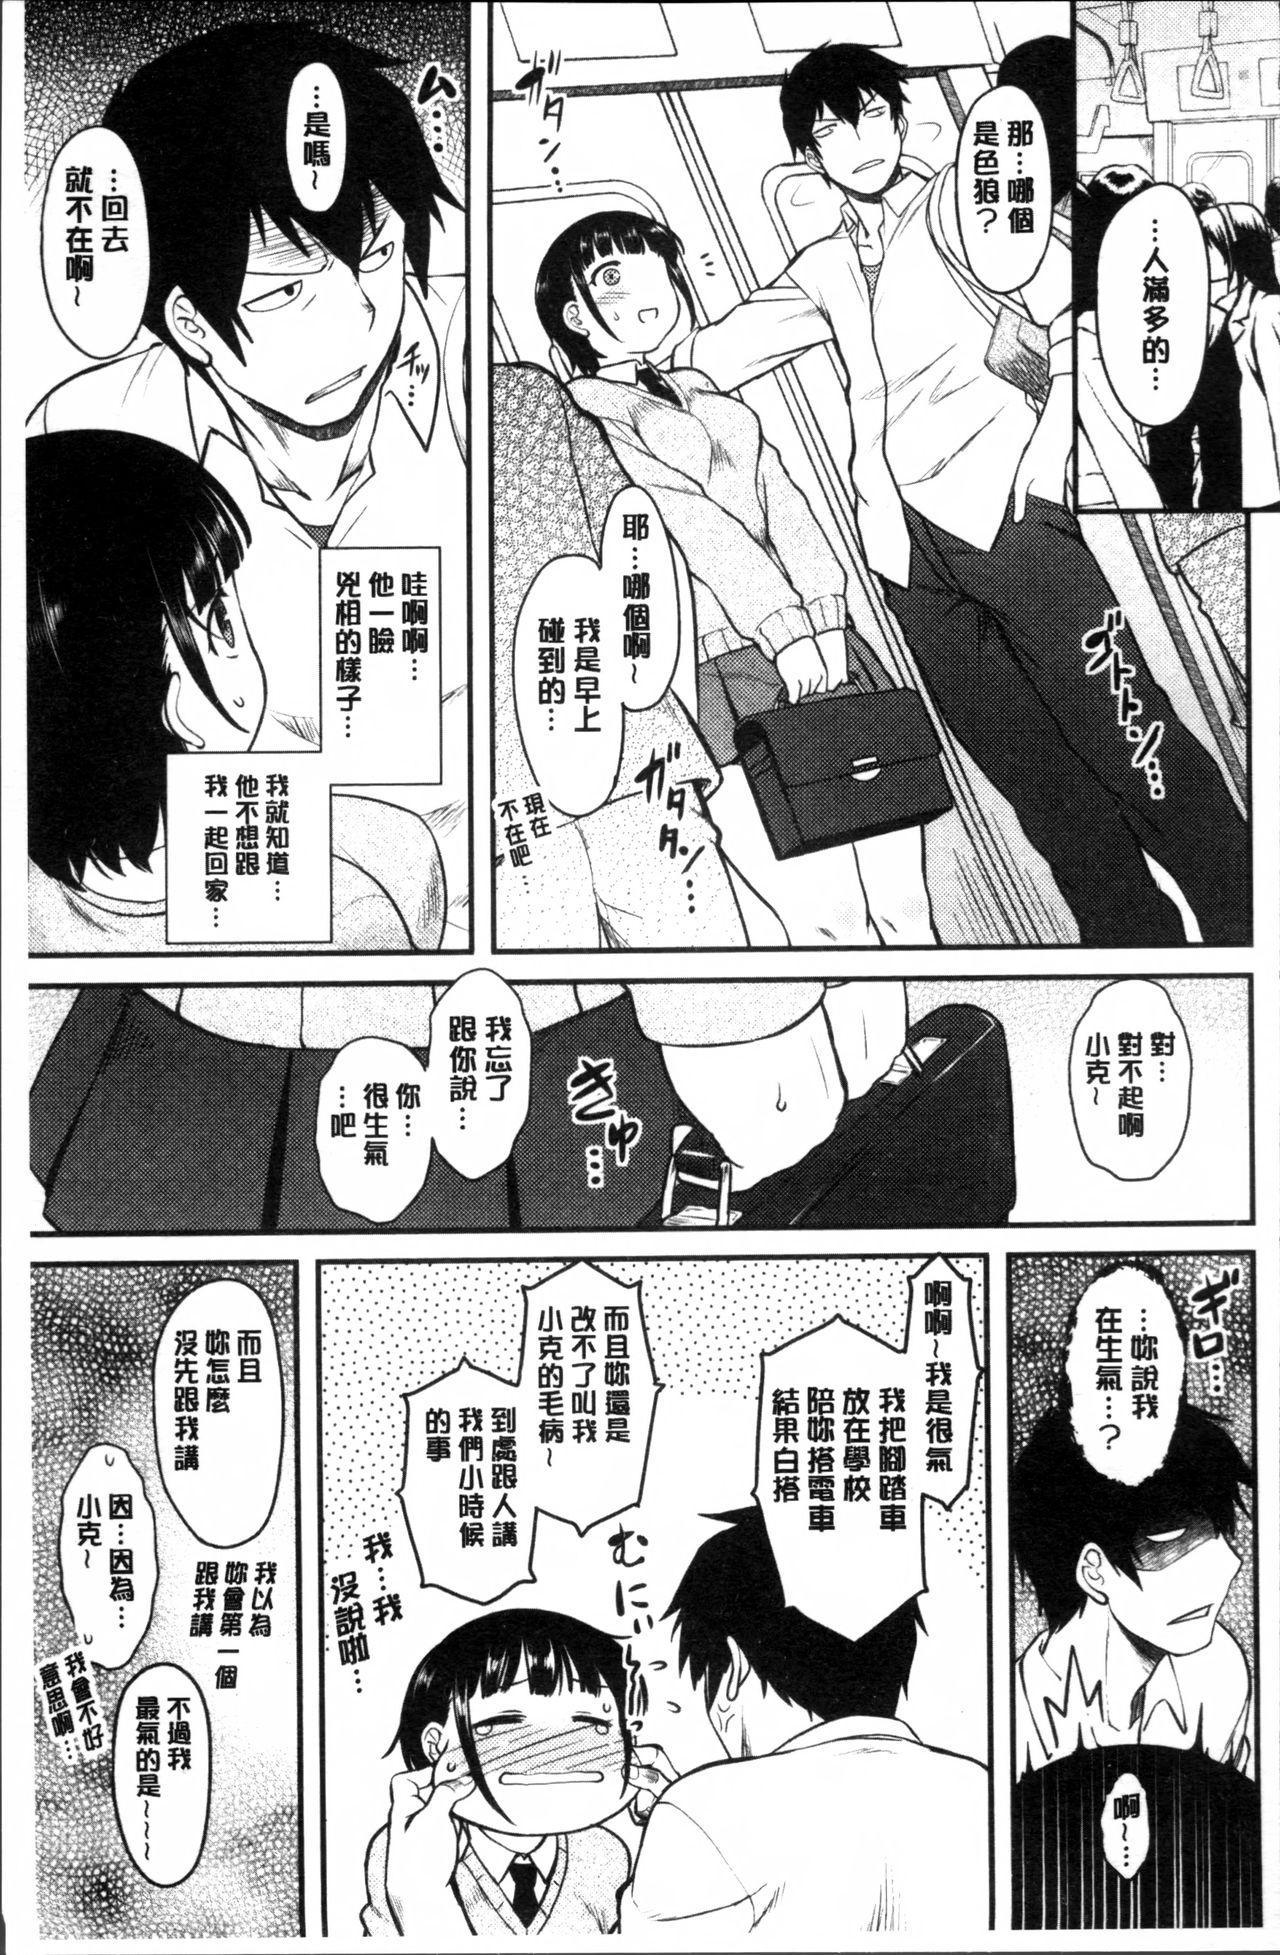 Hatsukoi Splash! 29